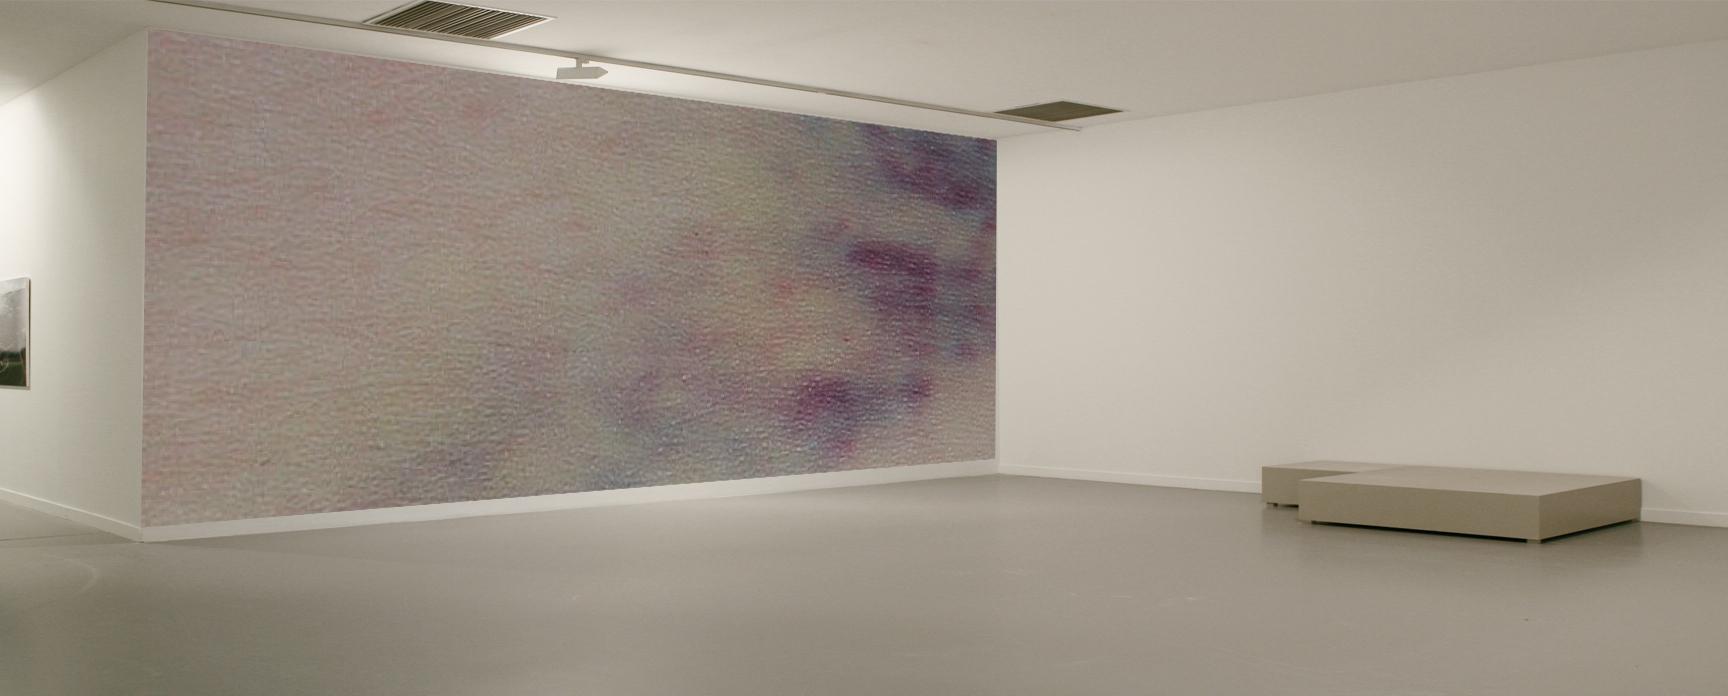 voorstel Bruise wall